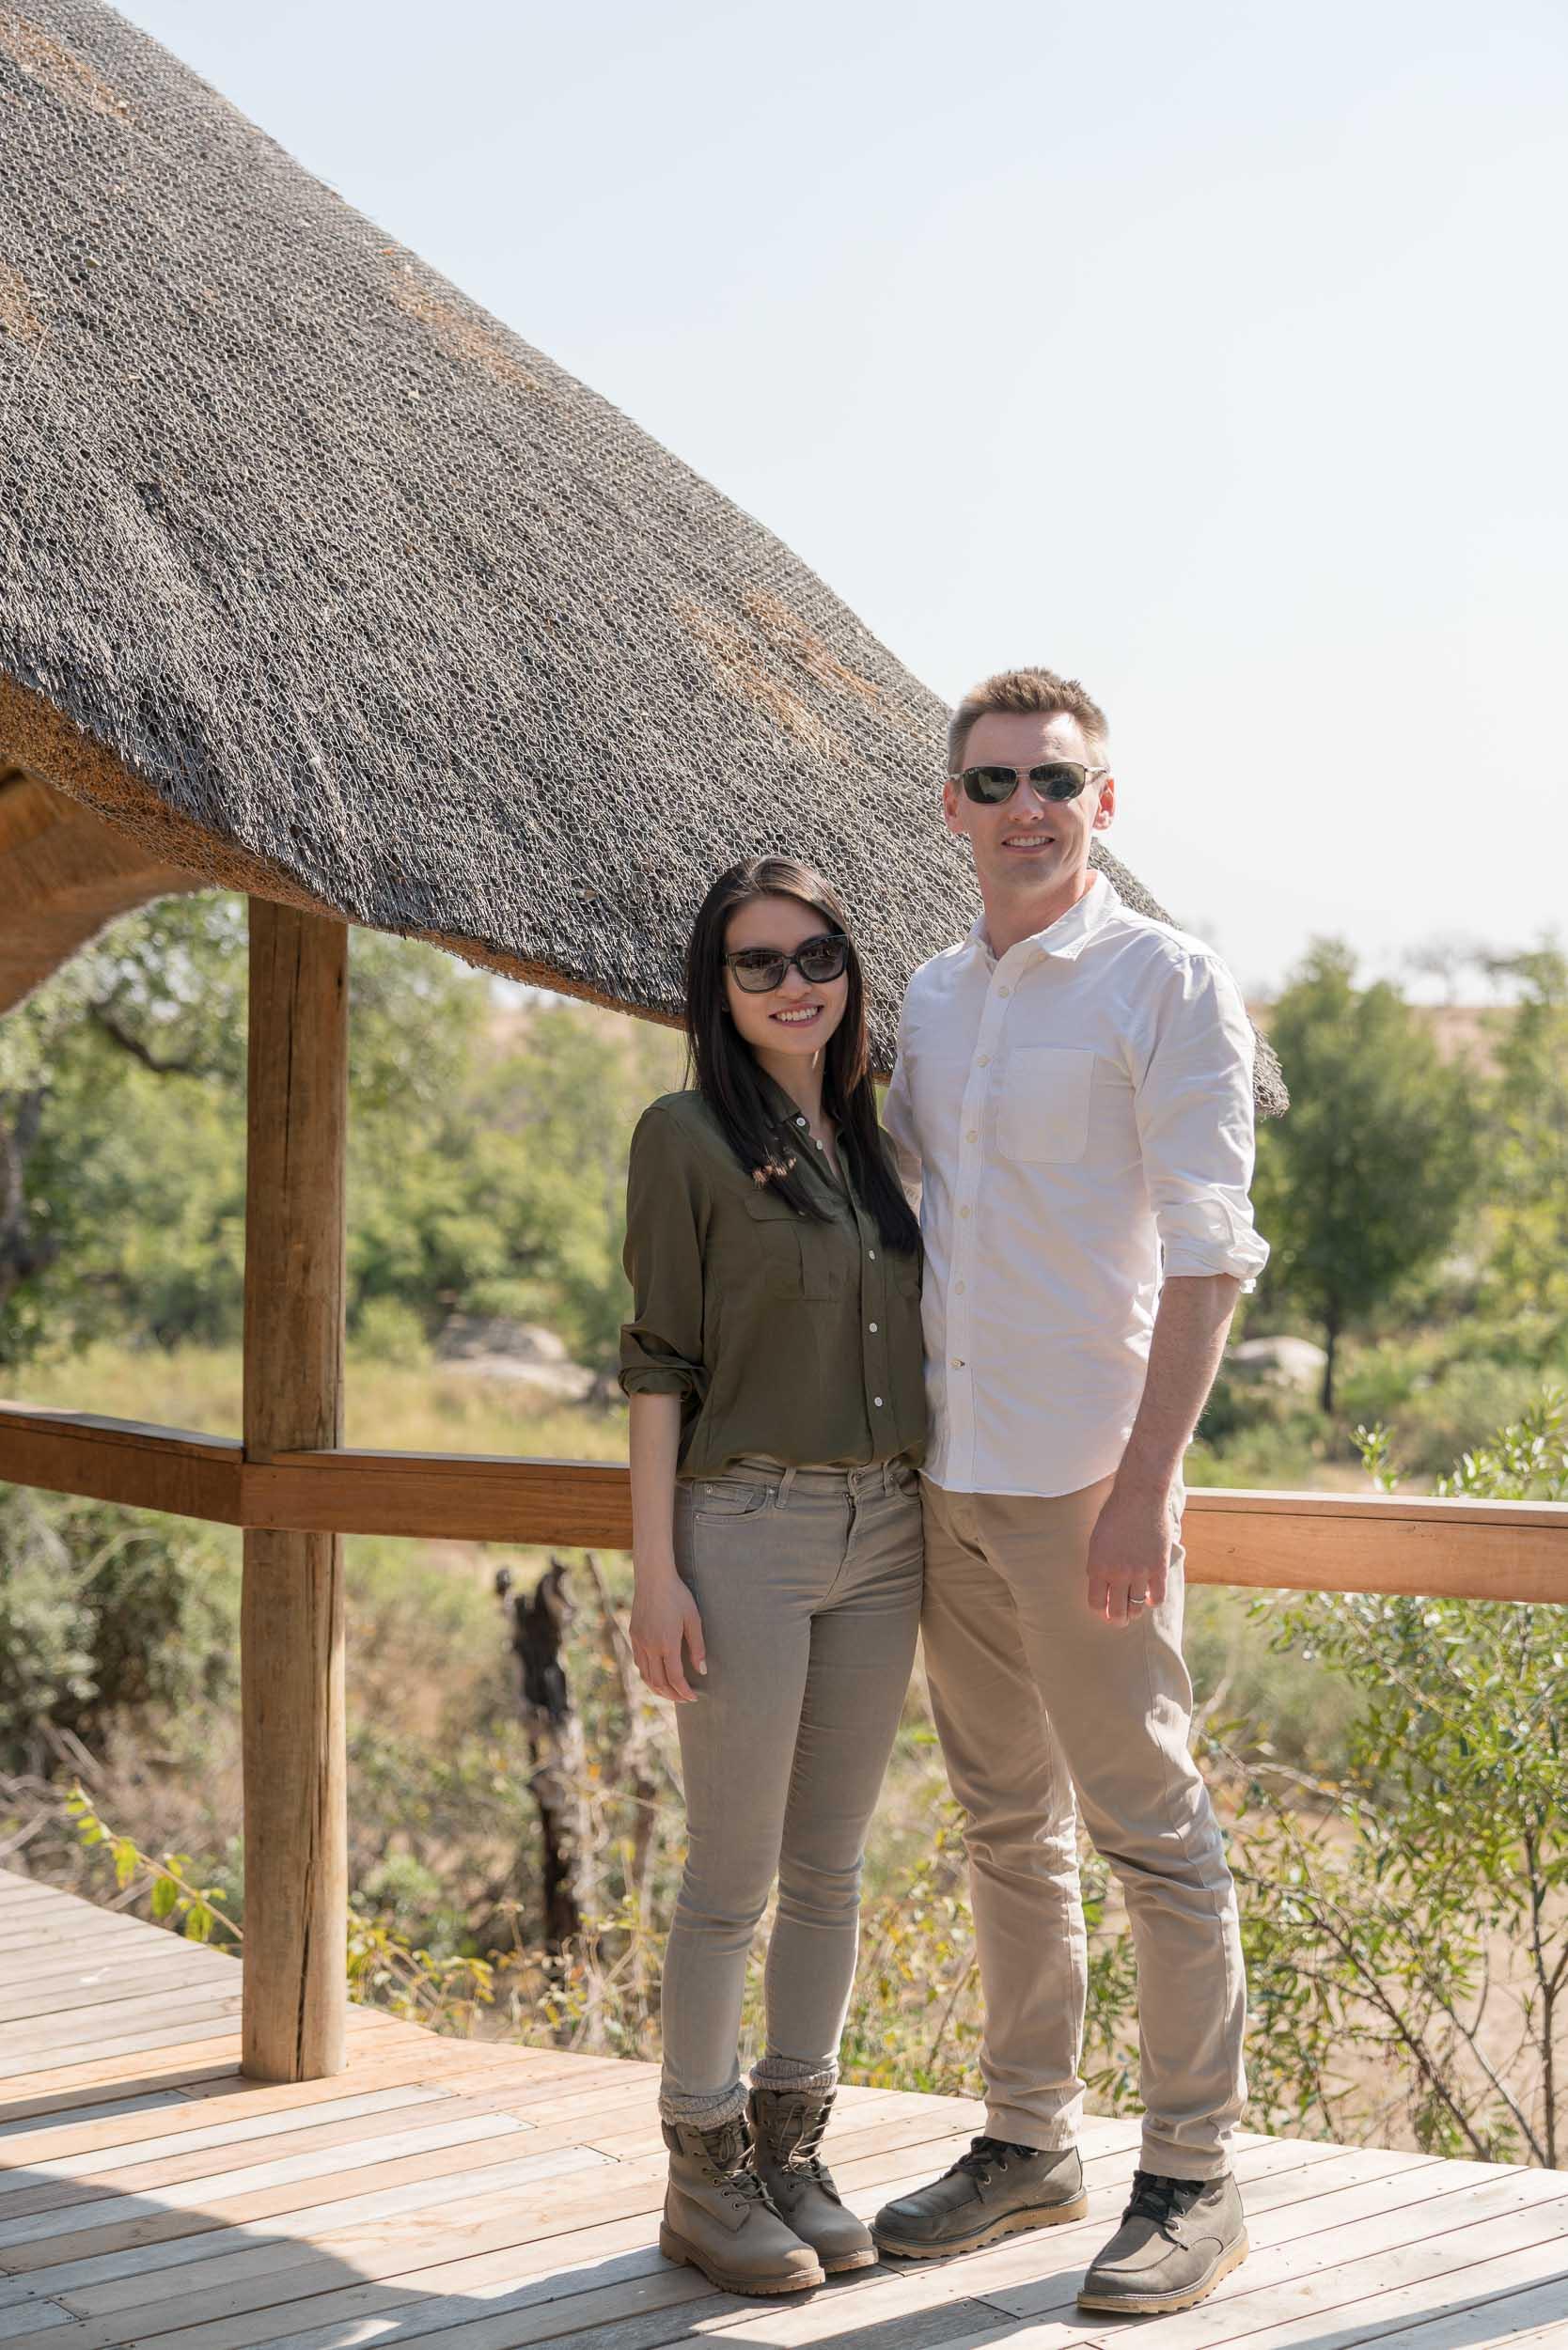 the_getaway_edit_south_africa_safari_londolozi_game_reserve-44.jpg